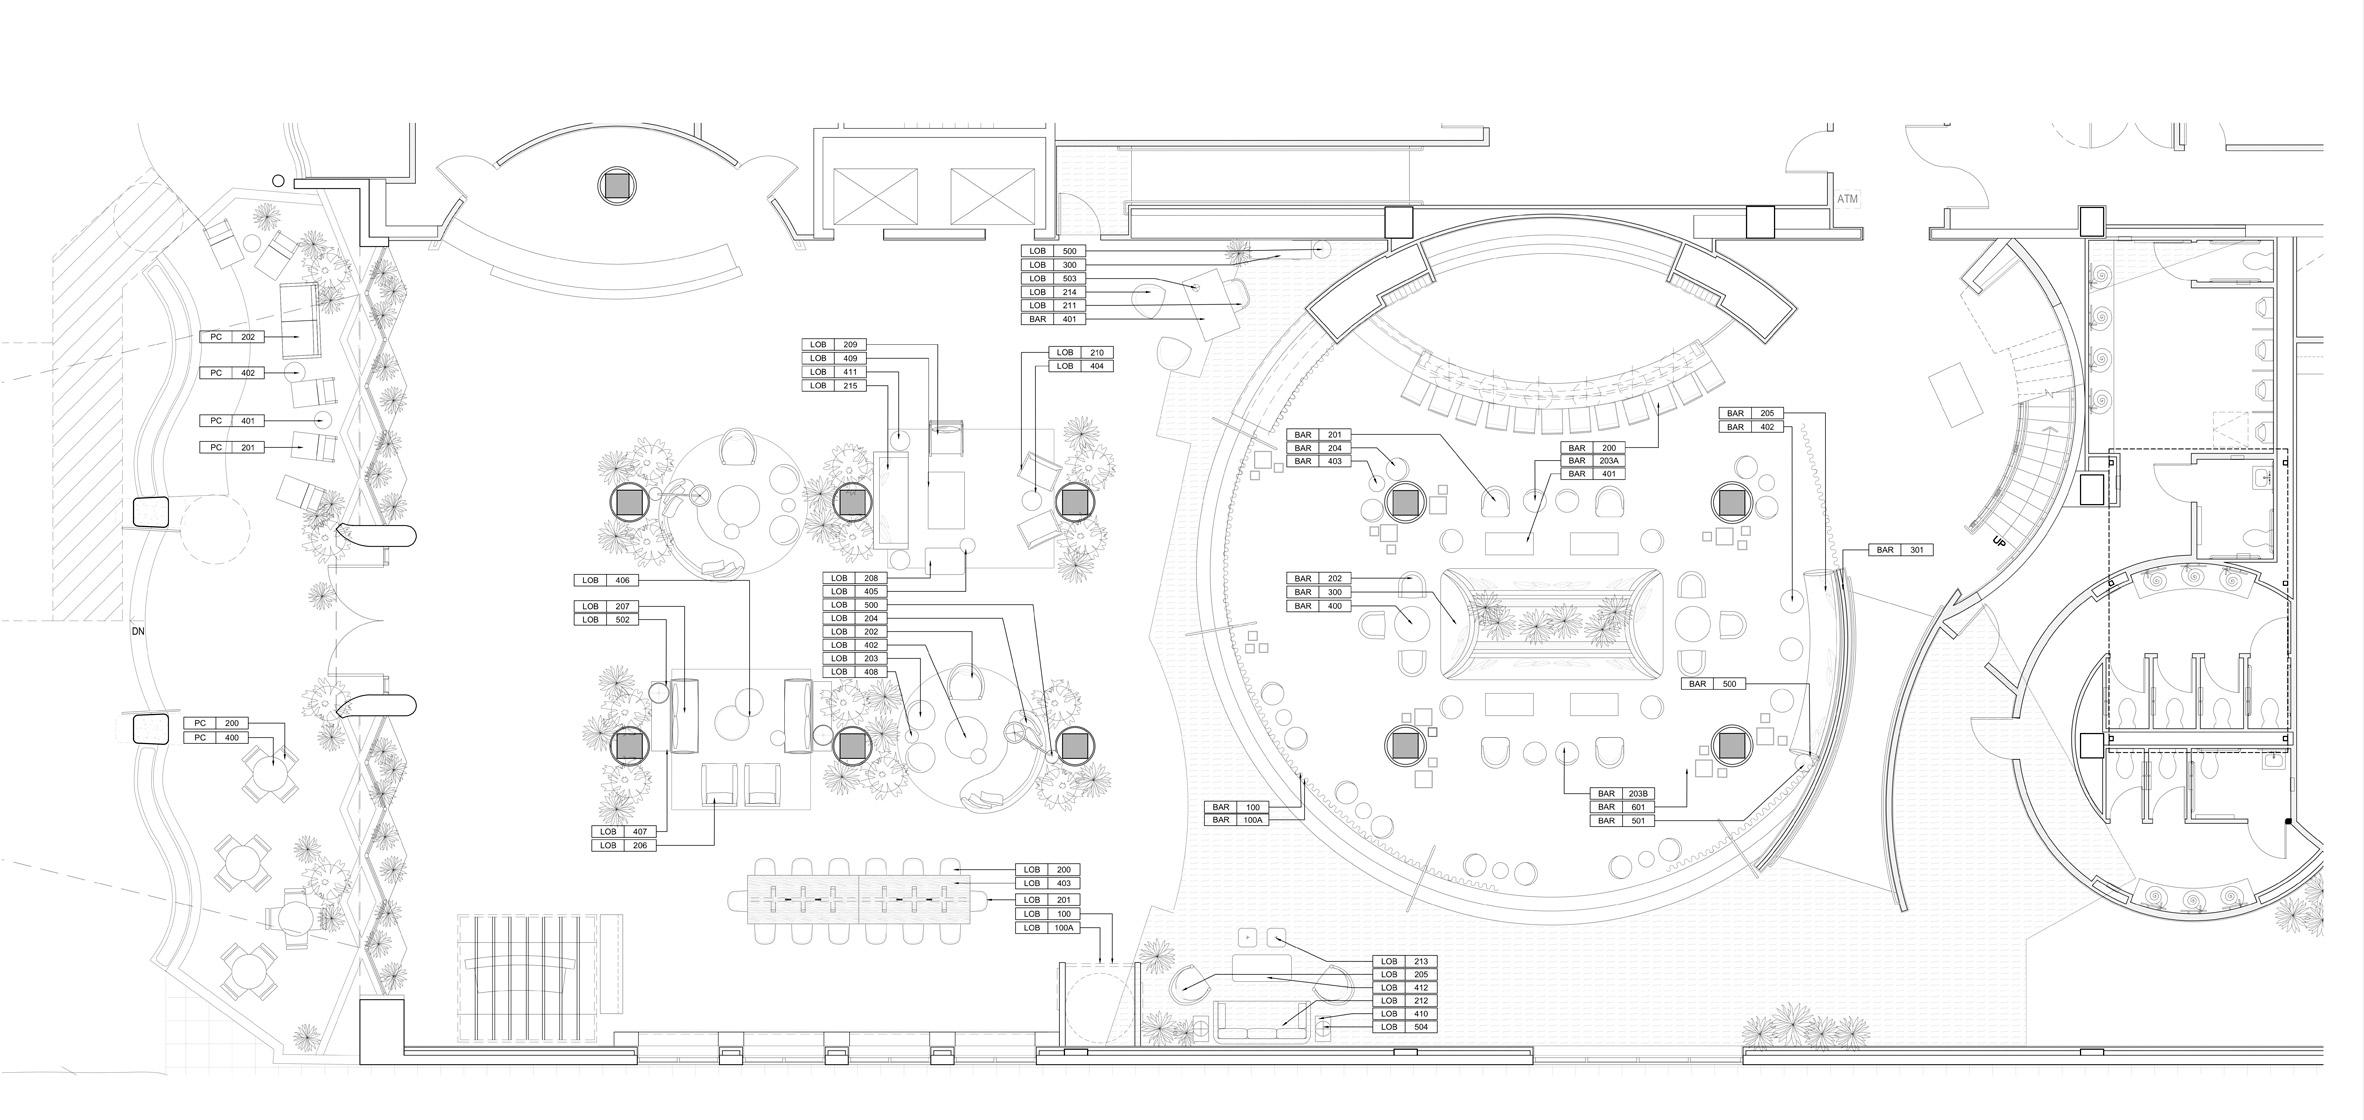 Thiết kế quán cà phê 6